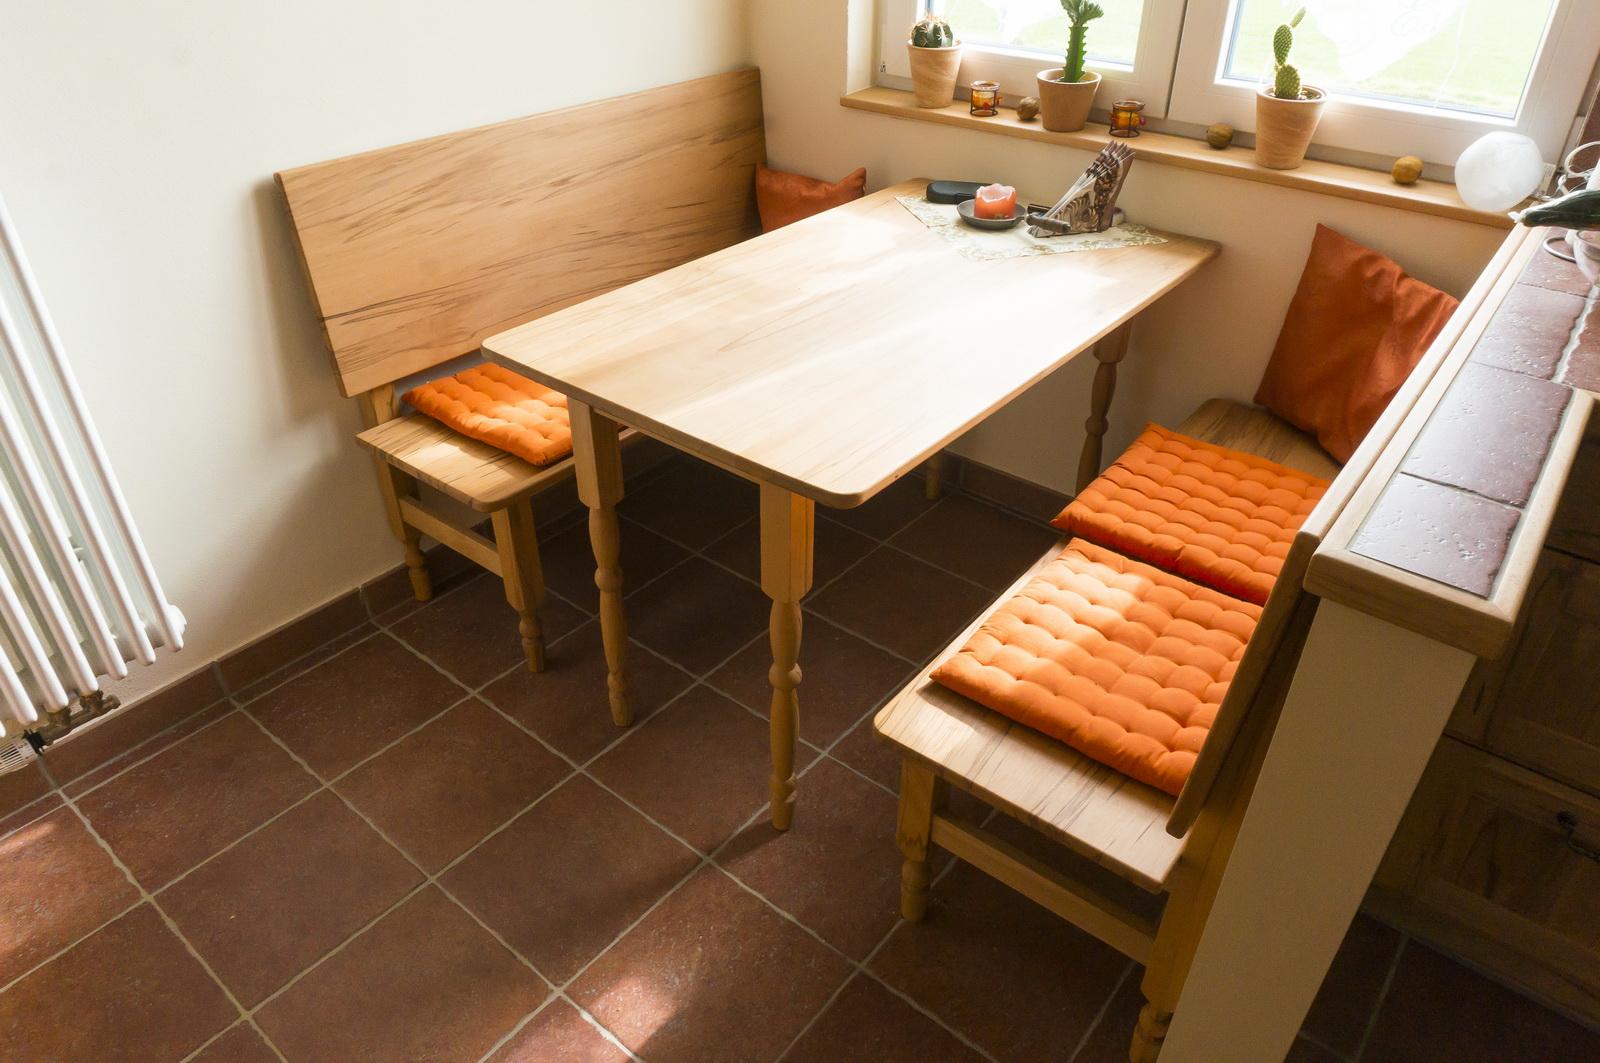 Full Size of Sitzgruppe Küche Kaufen Sitzgruppe Küche Gebraucht Sitzgruppe Küche Rund Sitzgruppe Küche Holz Küche Küche Sitzgruppe